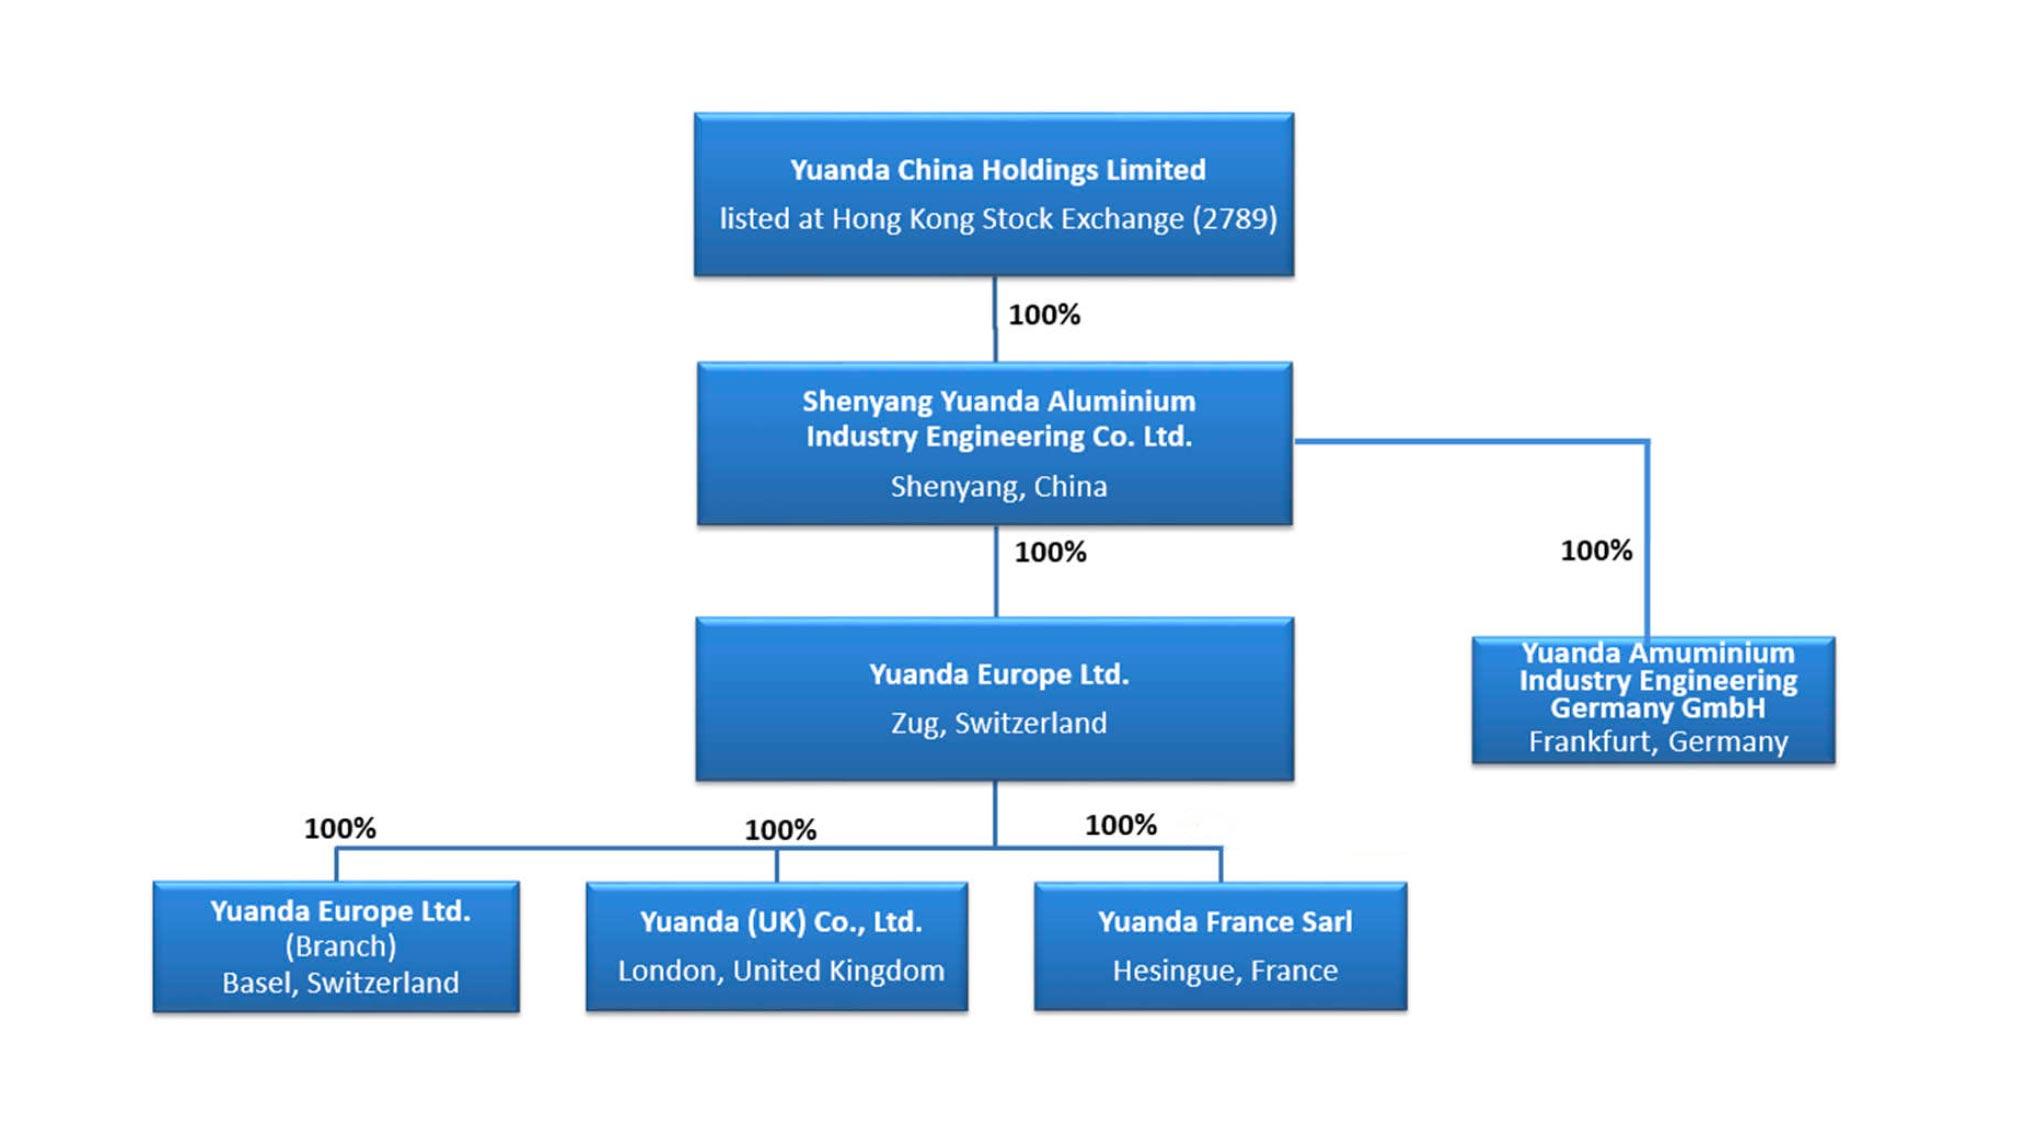 Yuanda Company Structure